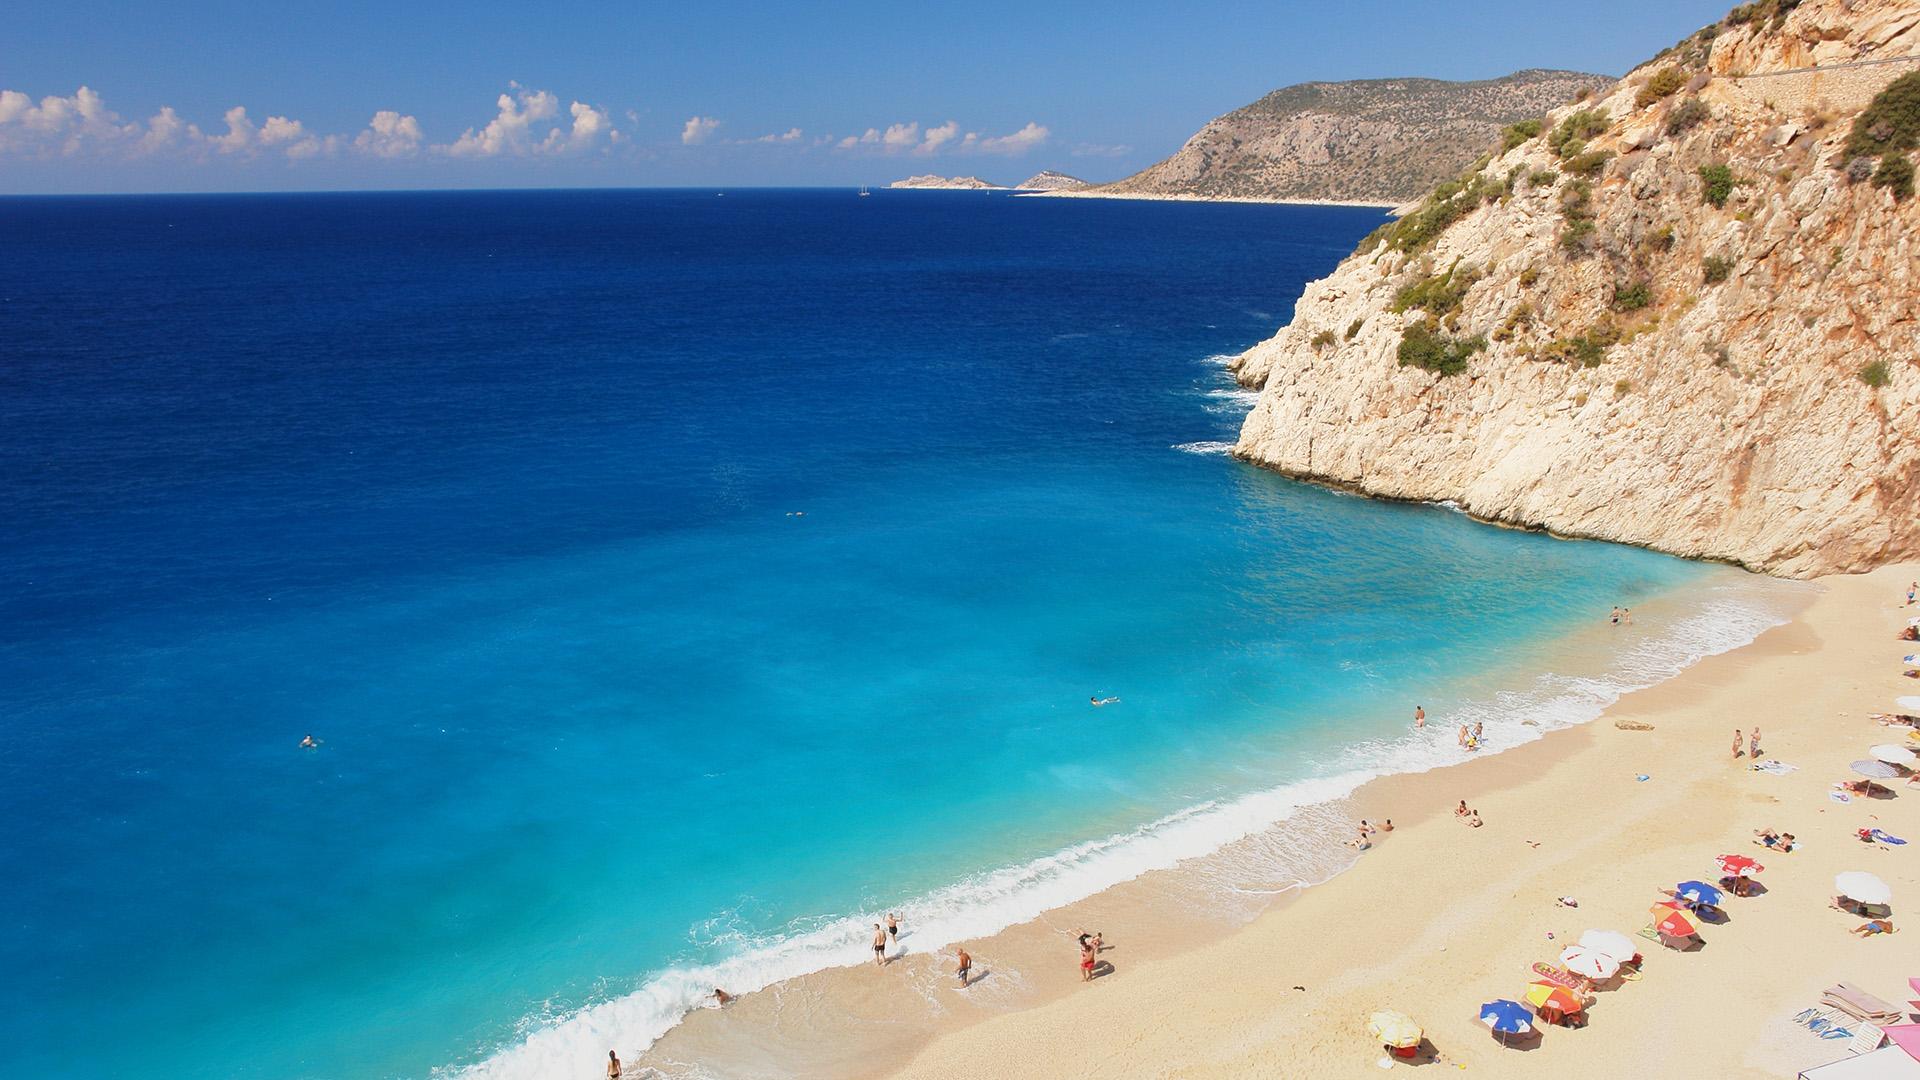 Con el Egeo turco de vuelta en el mapa, sus mares turquesas, playas secretas y exclusivos bares y clubes están alcanzando los intereses de los amantes deldescansode playa glamoroso